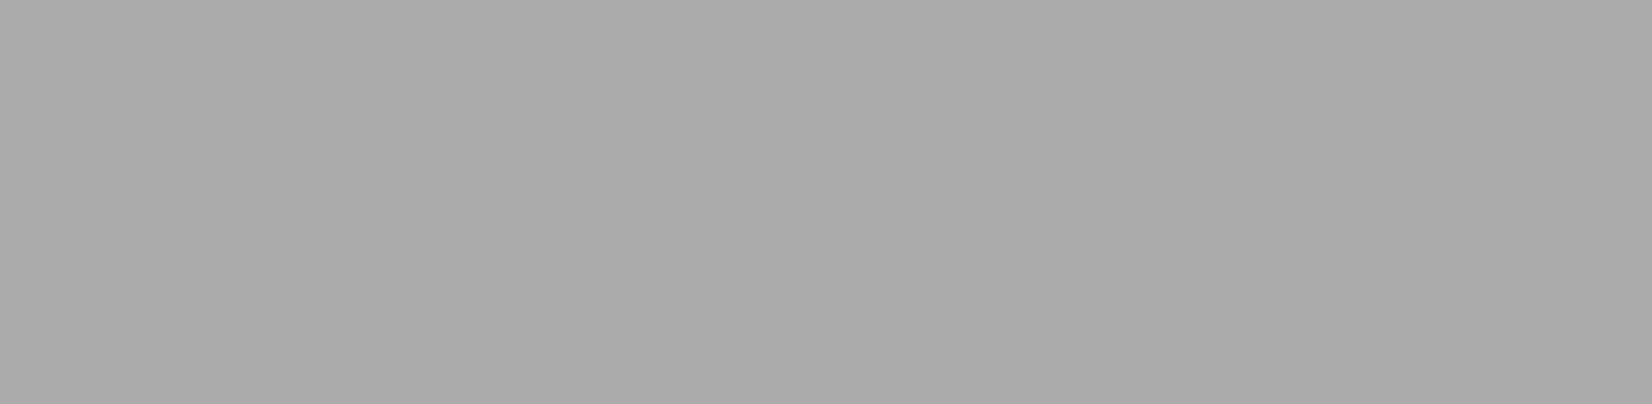 Logo of The Communicator Awards